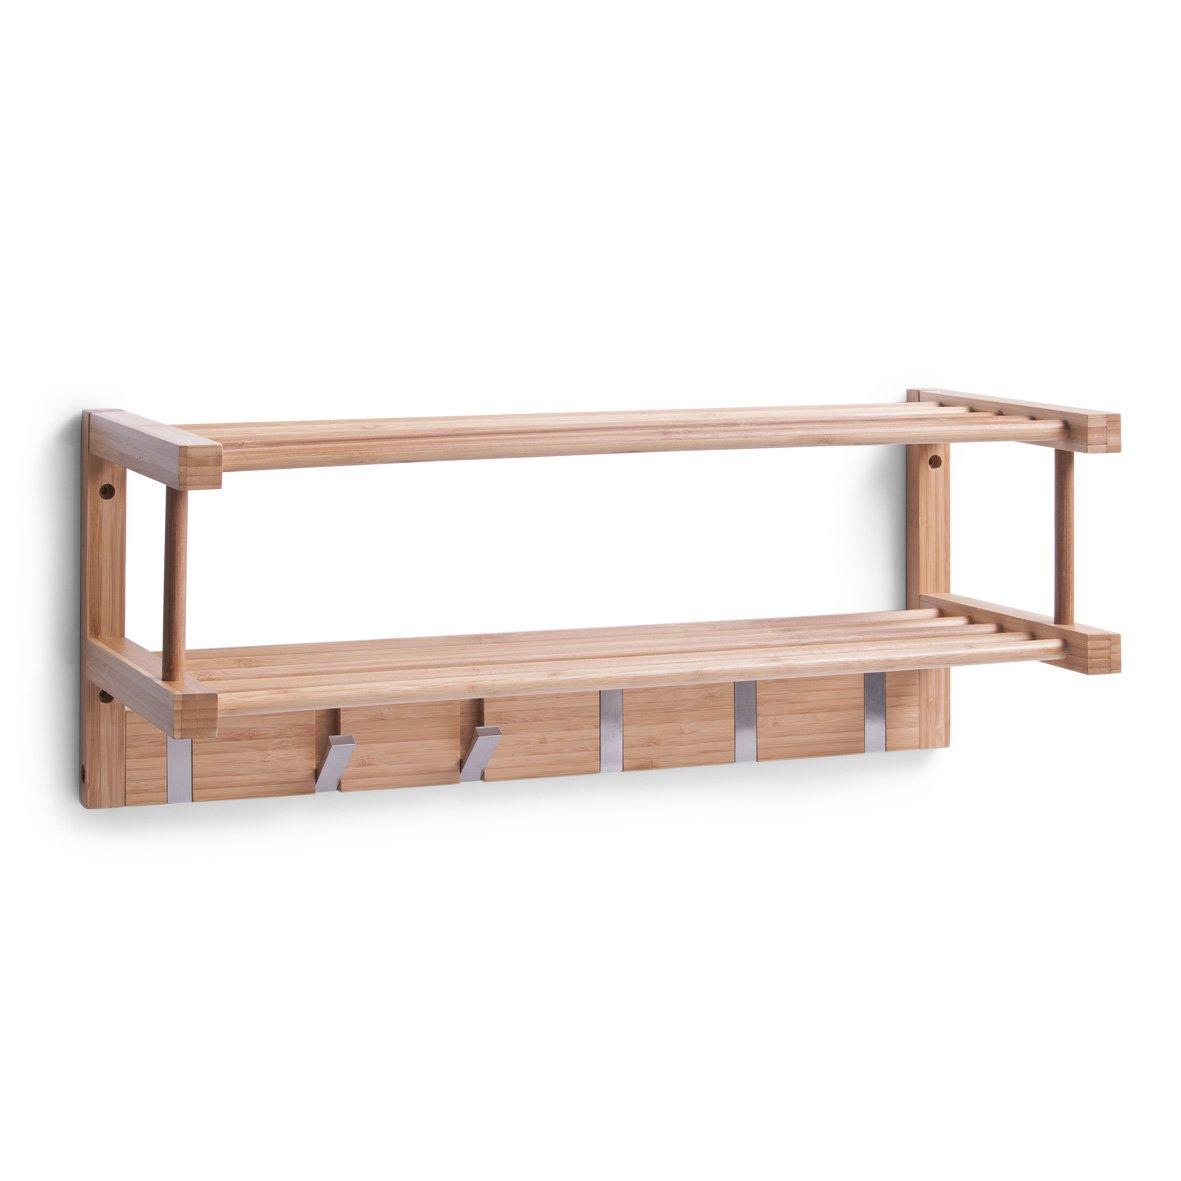 Zeller 13583 Appendiabiti a parete in legno di bambù 60x24x24 cm 5711